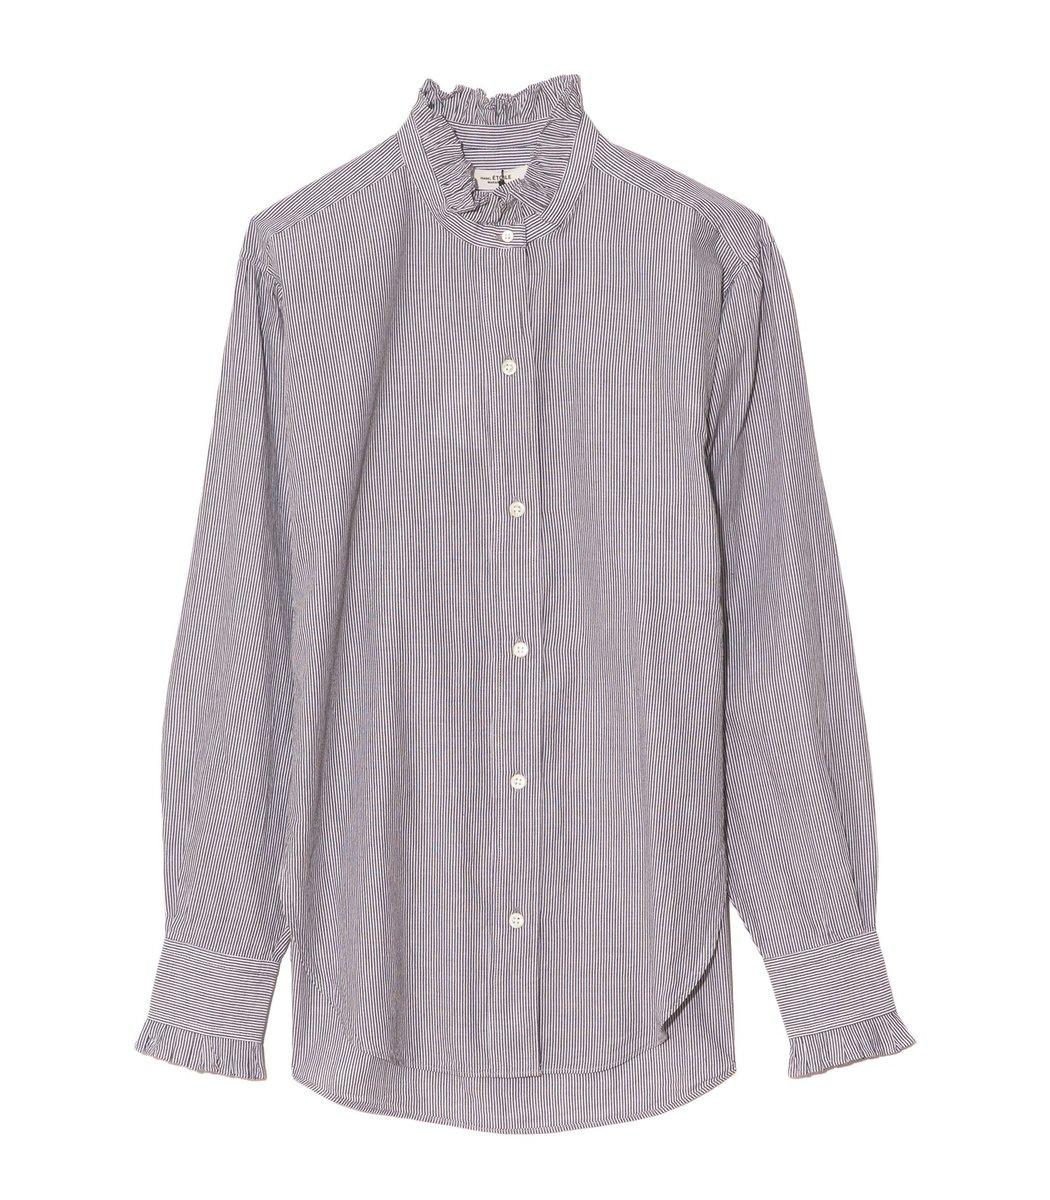 ETOILE ISABEL MARANT Saoli Shirt in Anthracite